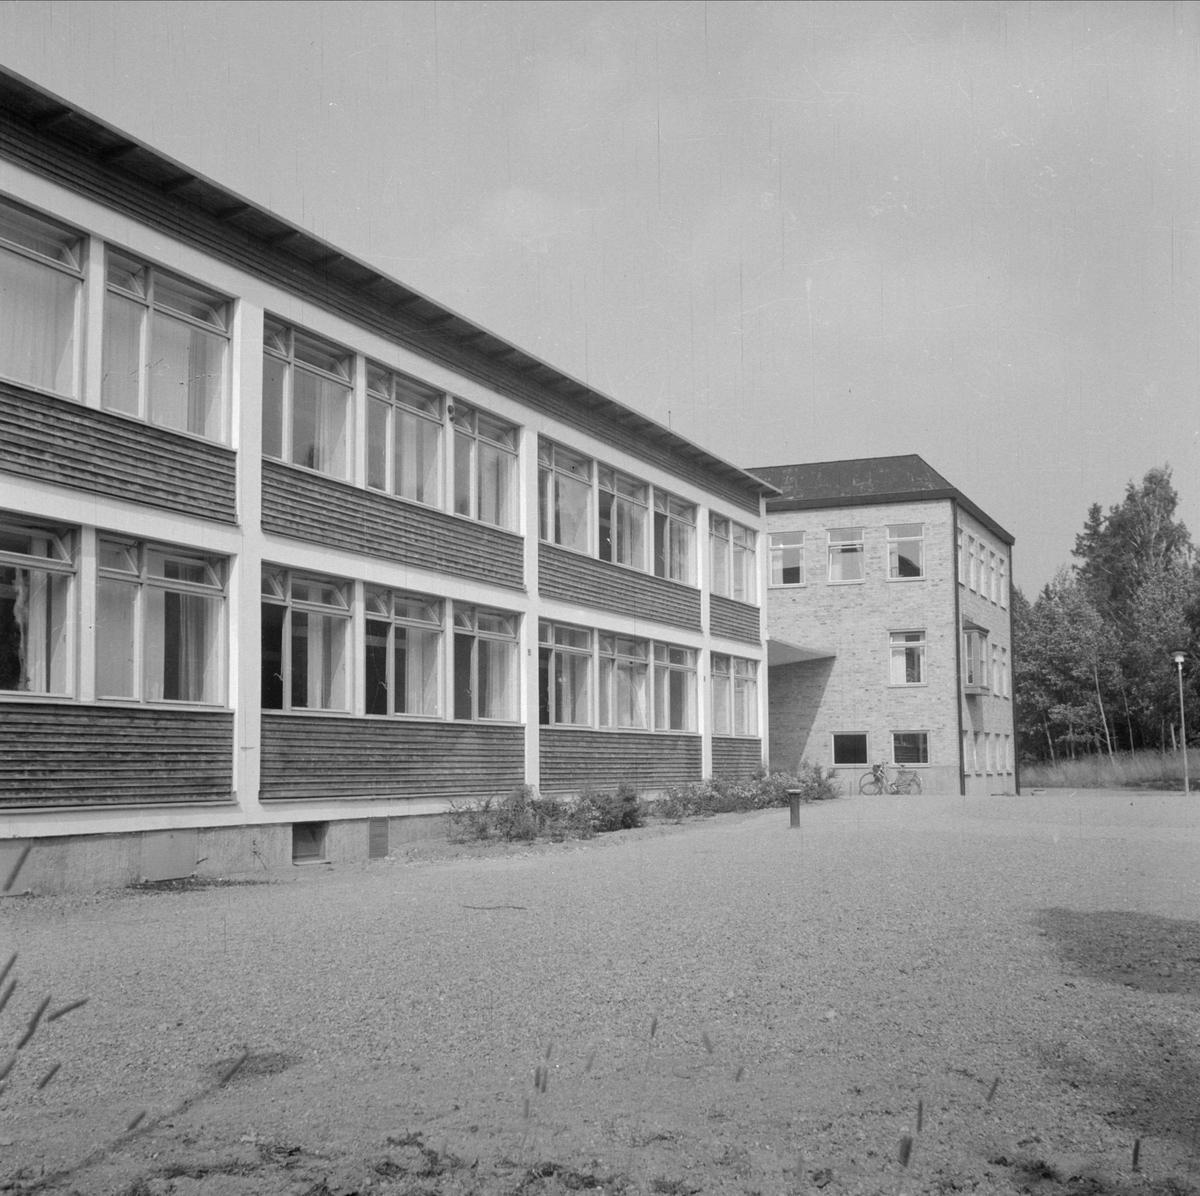 Skolbyggnad, sannolikt i Uppsala